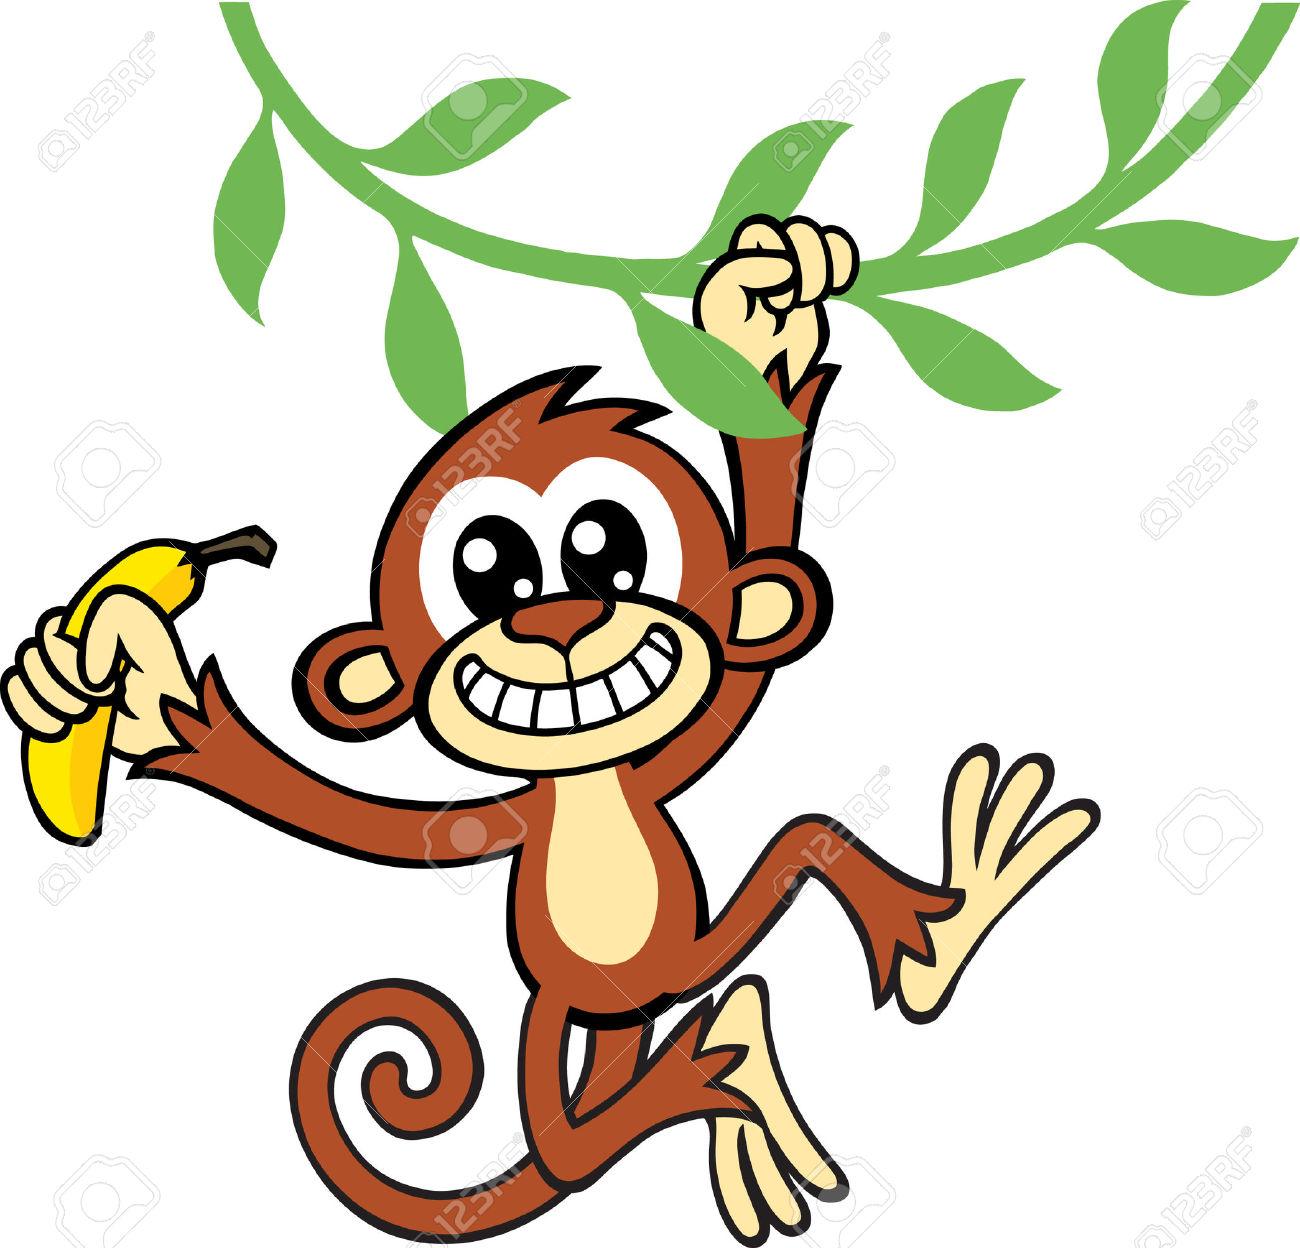 1300x1248 Top 95 Monkey Clipart